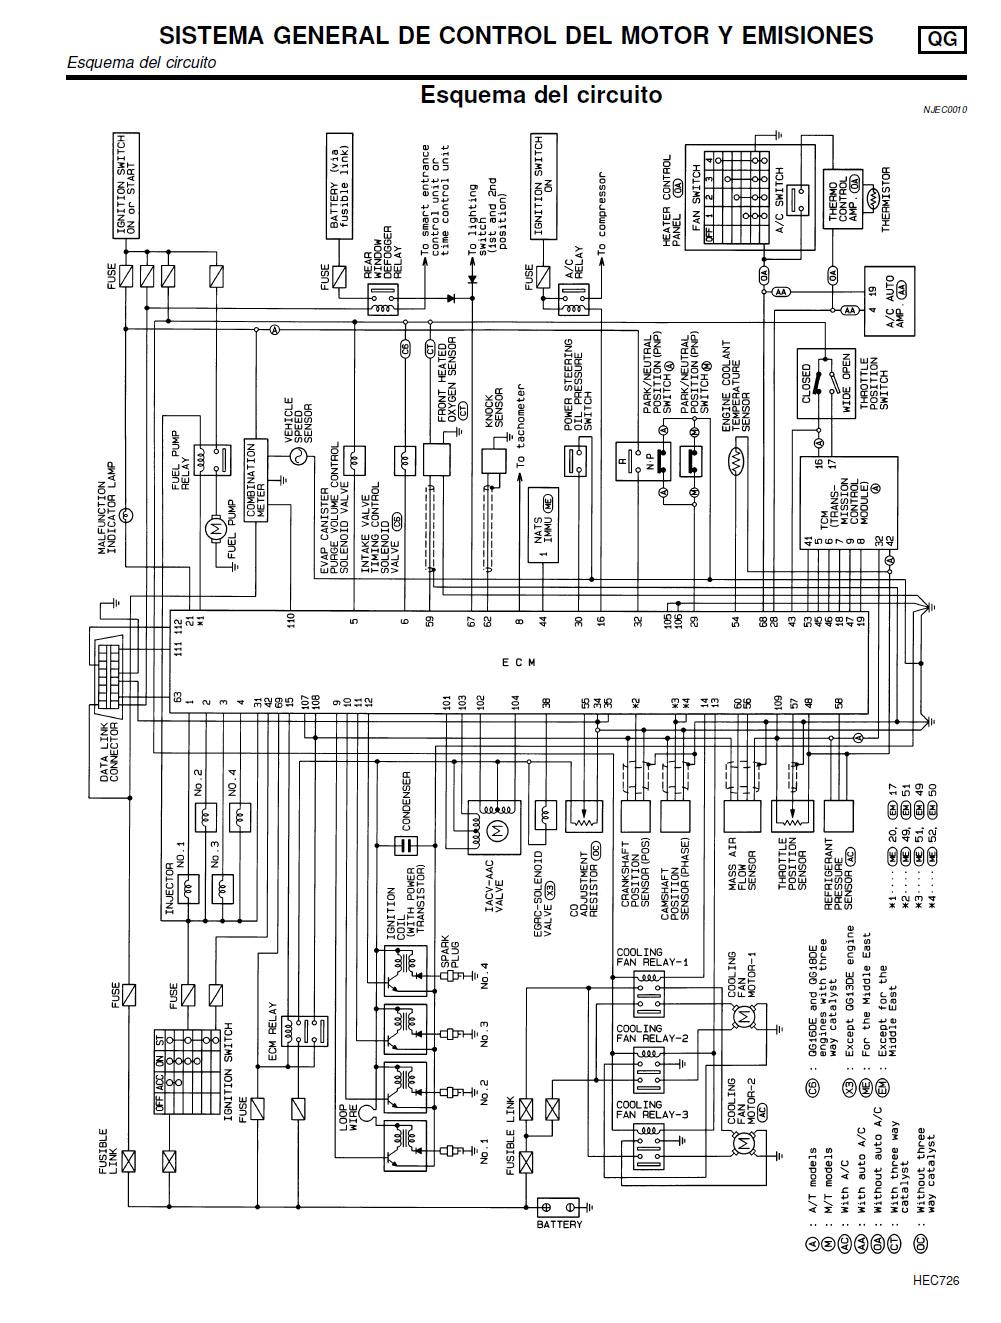 medium resolution of 2013 nissan sentra wiring diagram 2013 nissan sentra fuse nissan sentra engine diagram 91 nissan sentra stereo wiring diagram